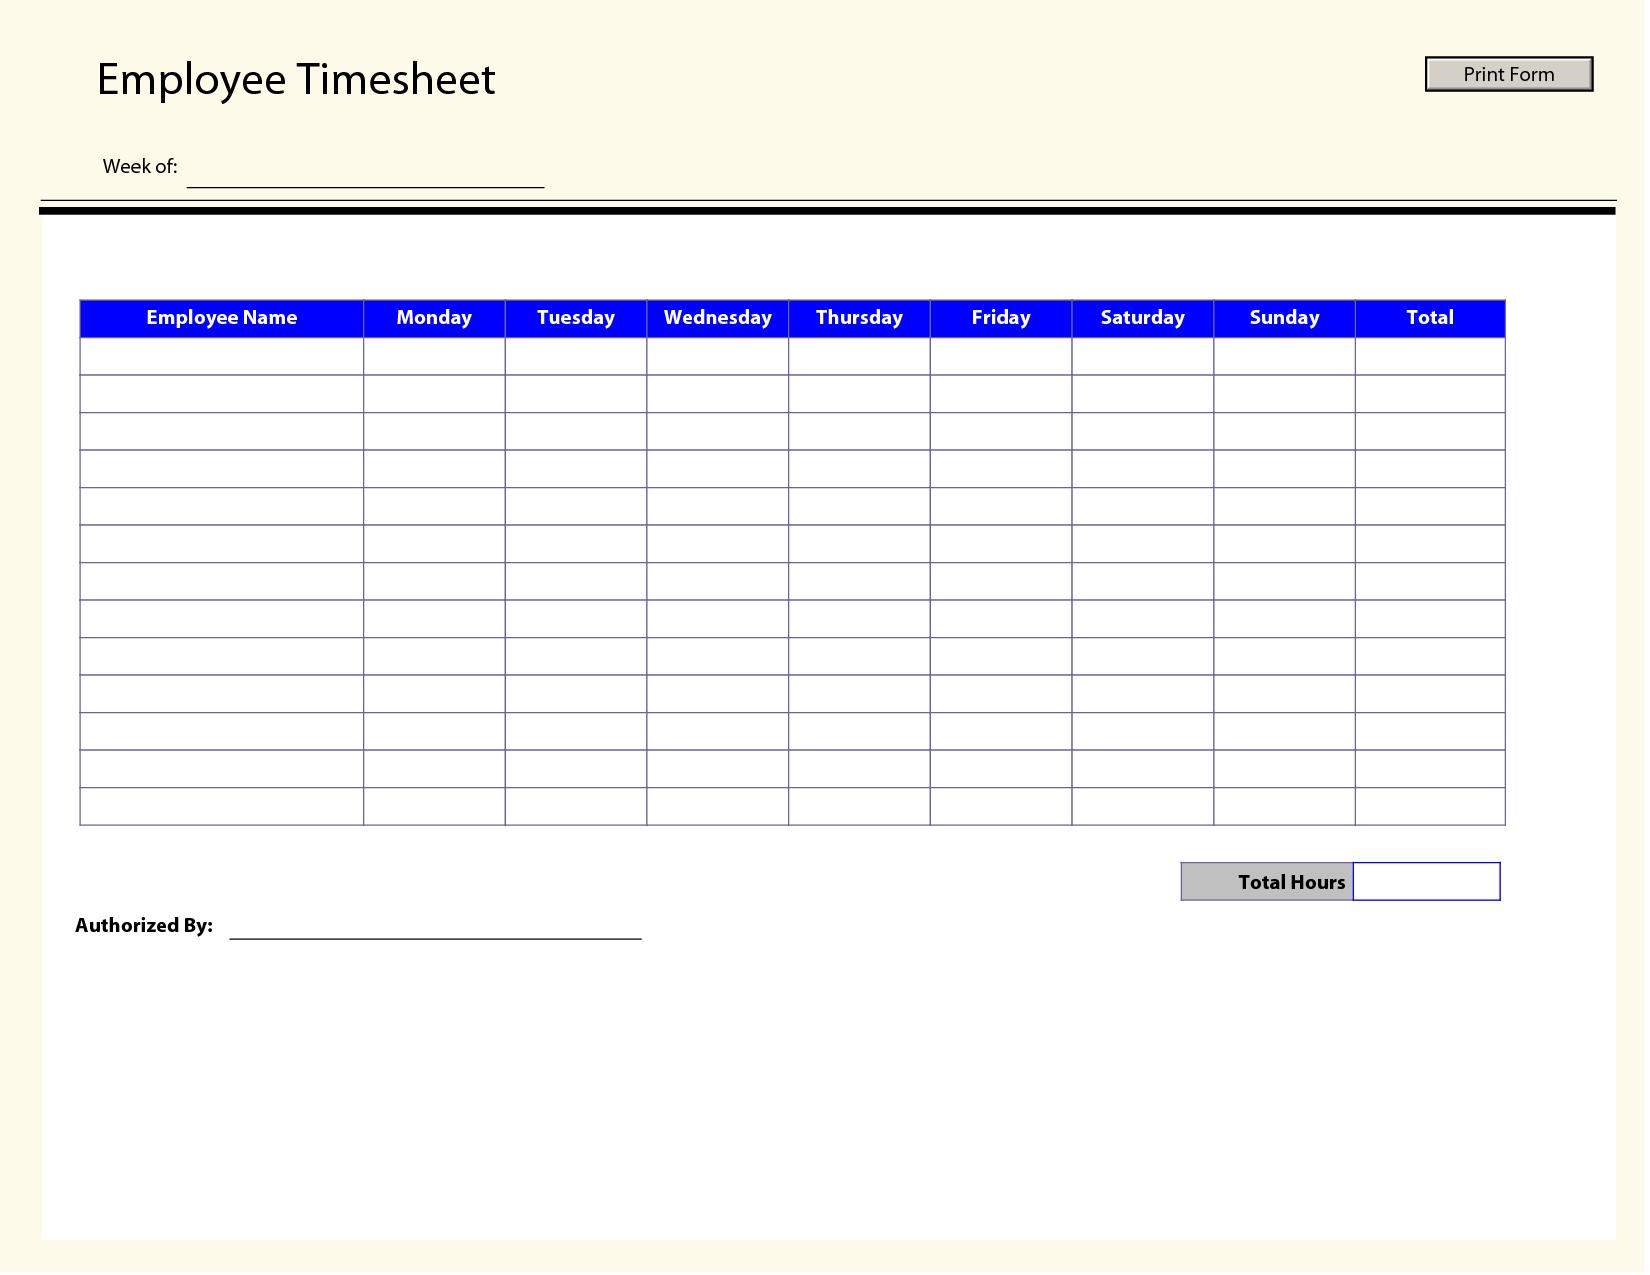 Printable Time Sheets   Free Printable Employee Timesheets Employee - Time Card Templates Free Printable